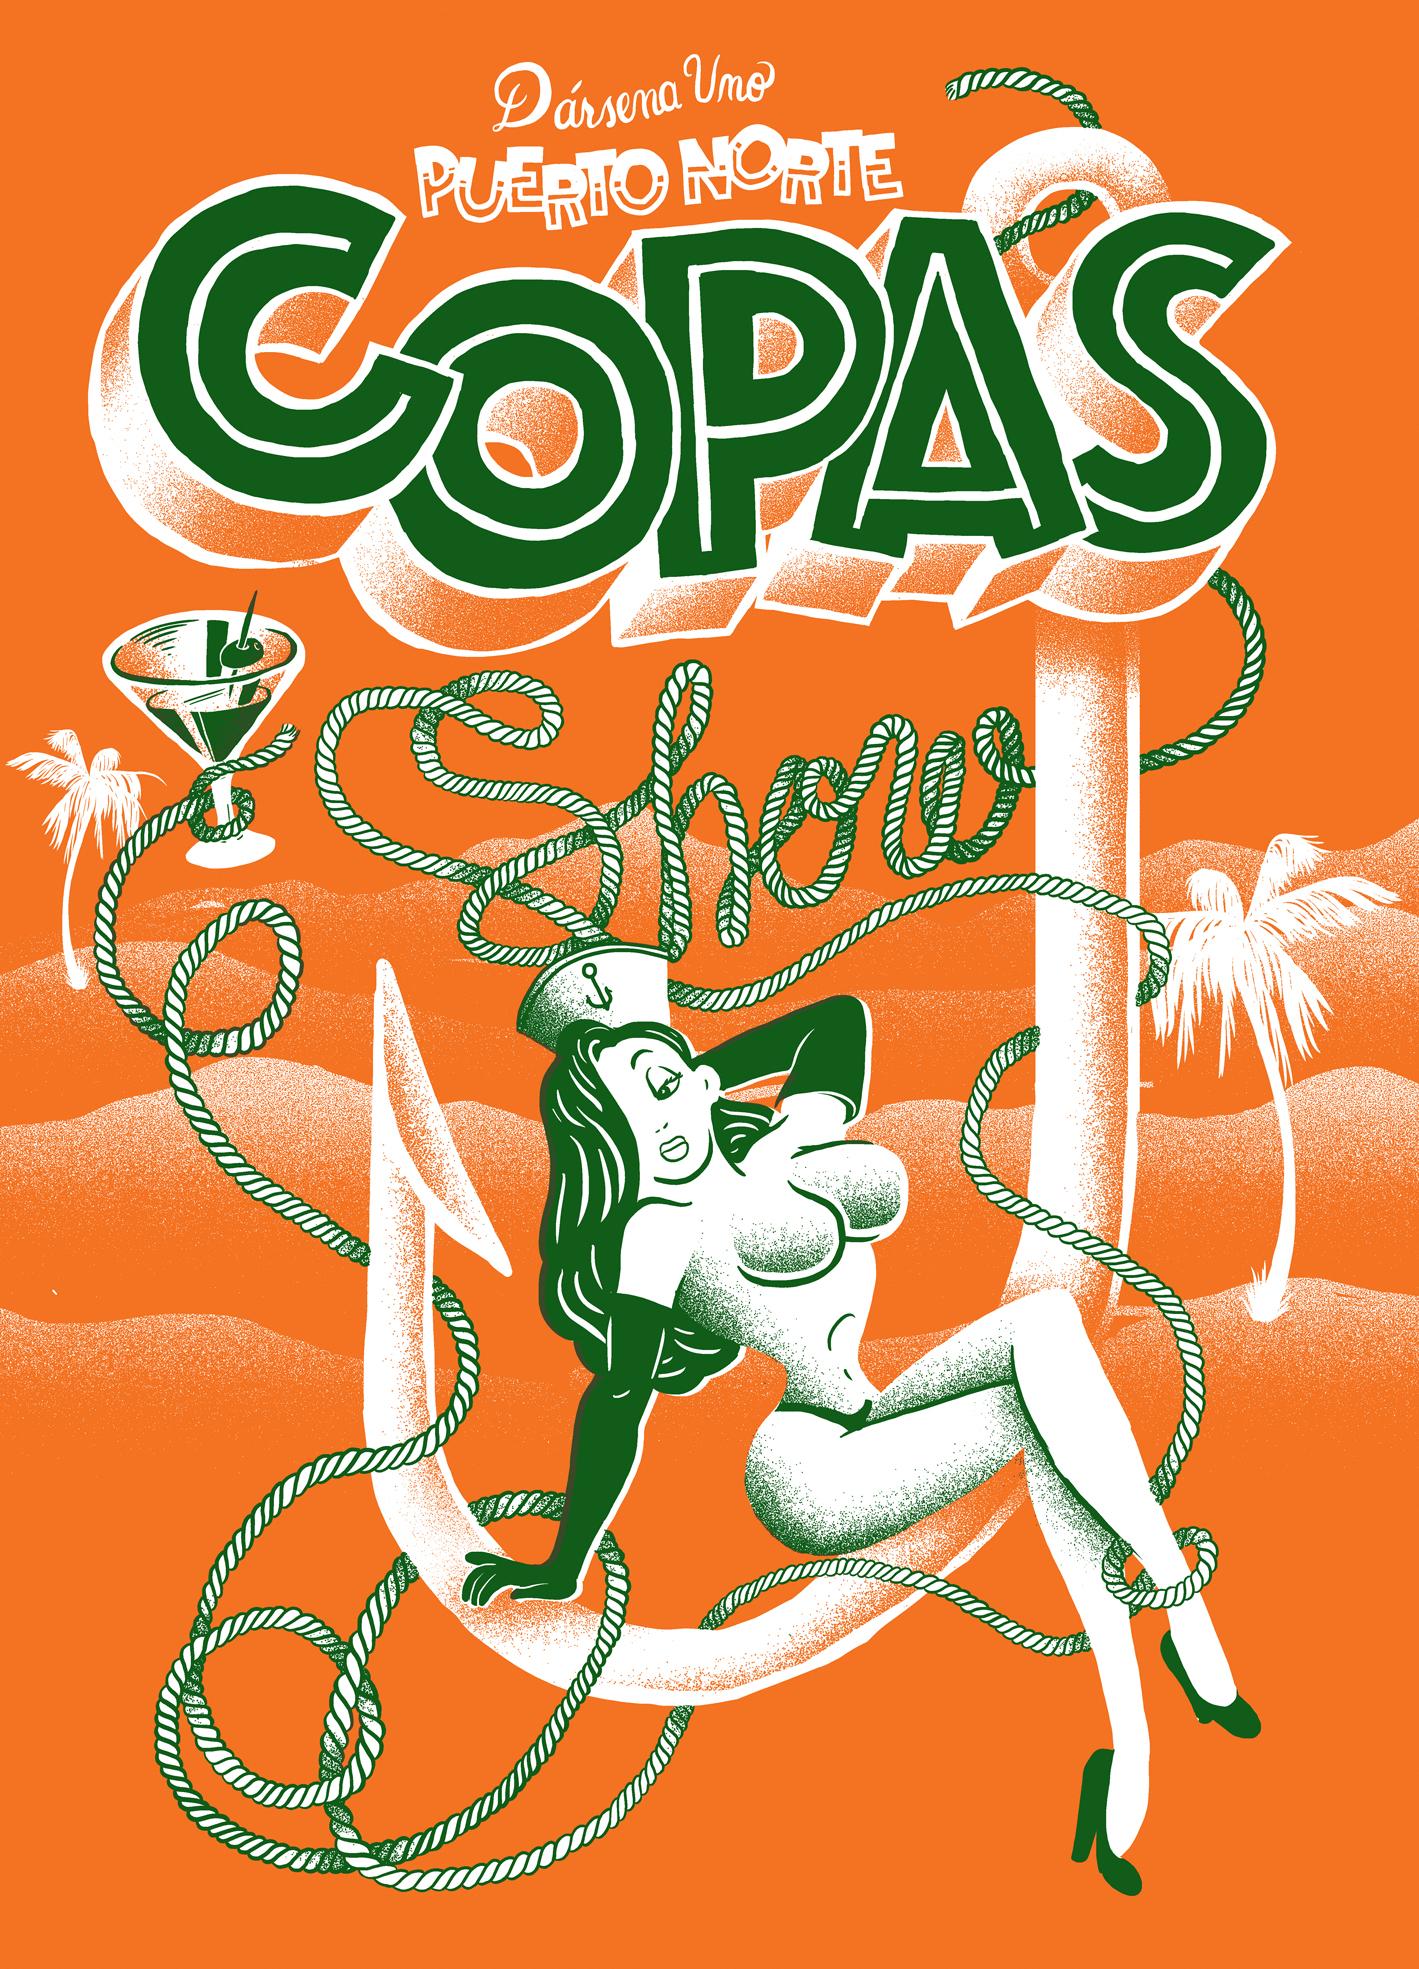 Copas Show.jpg